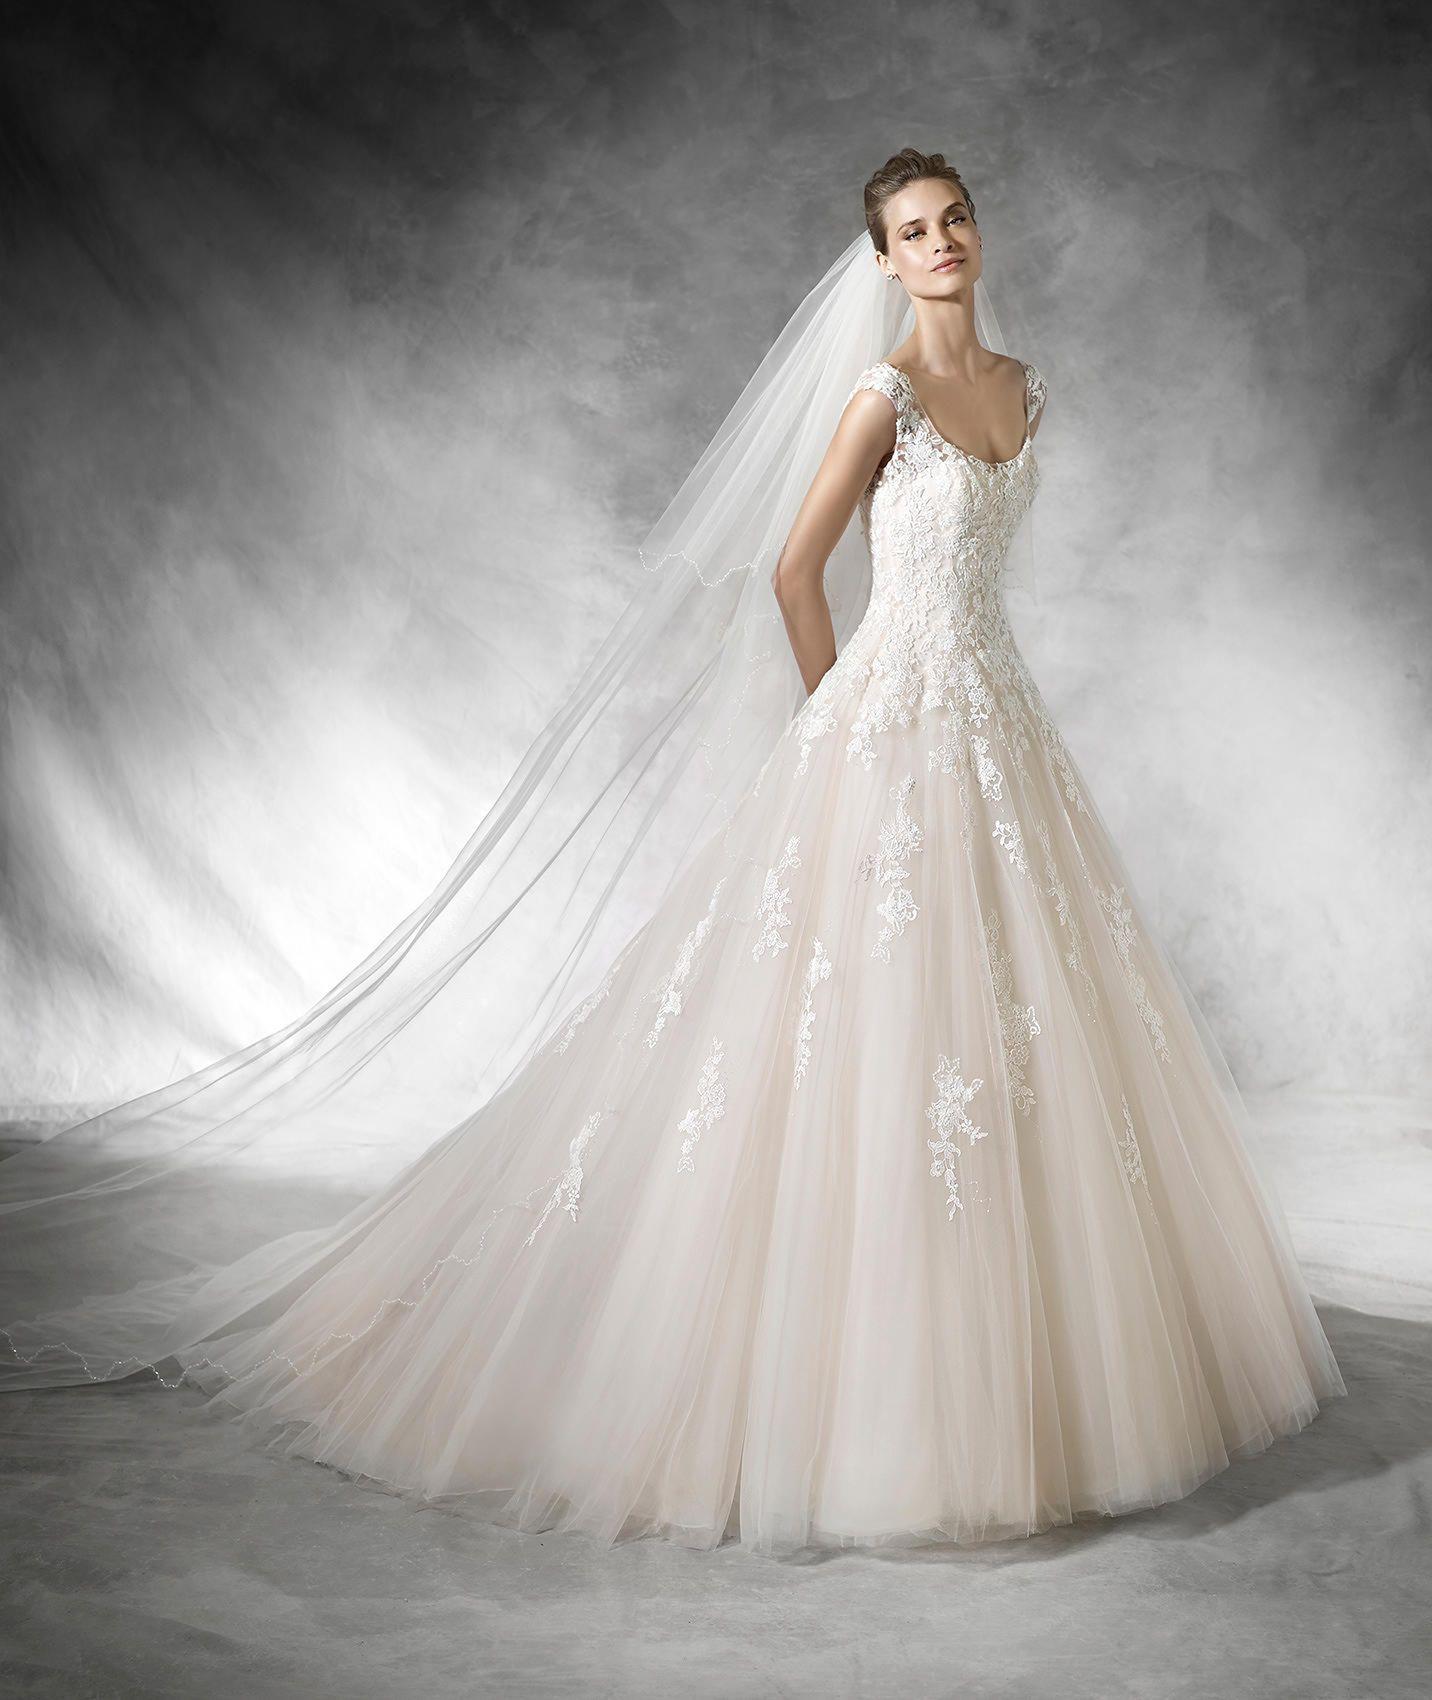 Bia, Brautkleid im Prinzessin-Stil mit Schmucksteinbesatz ...